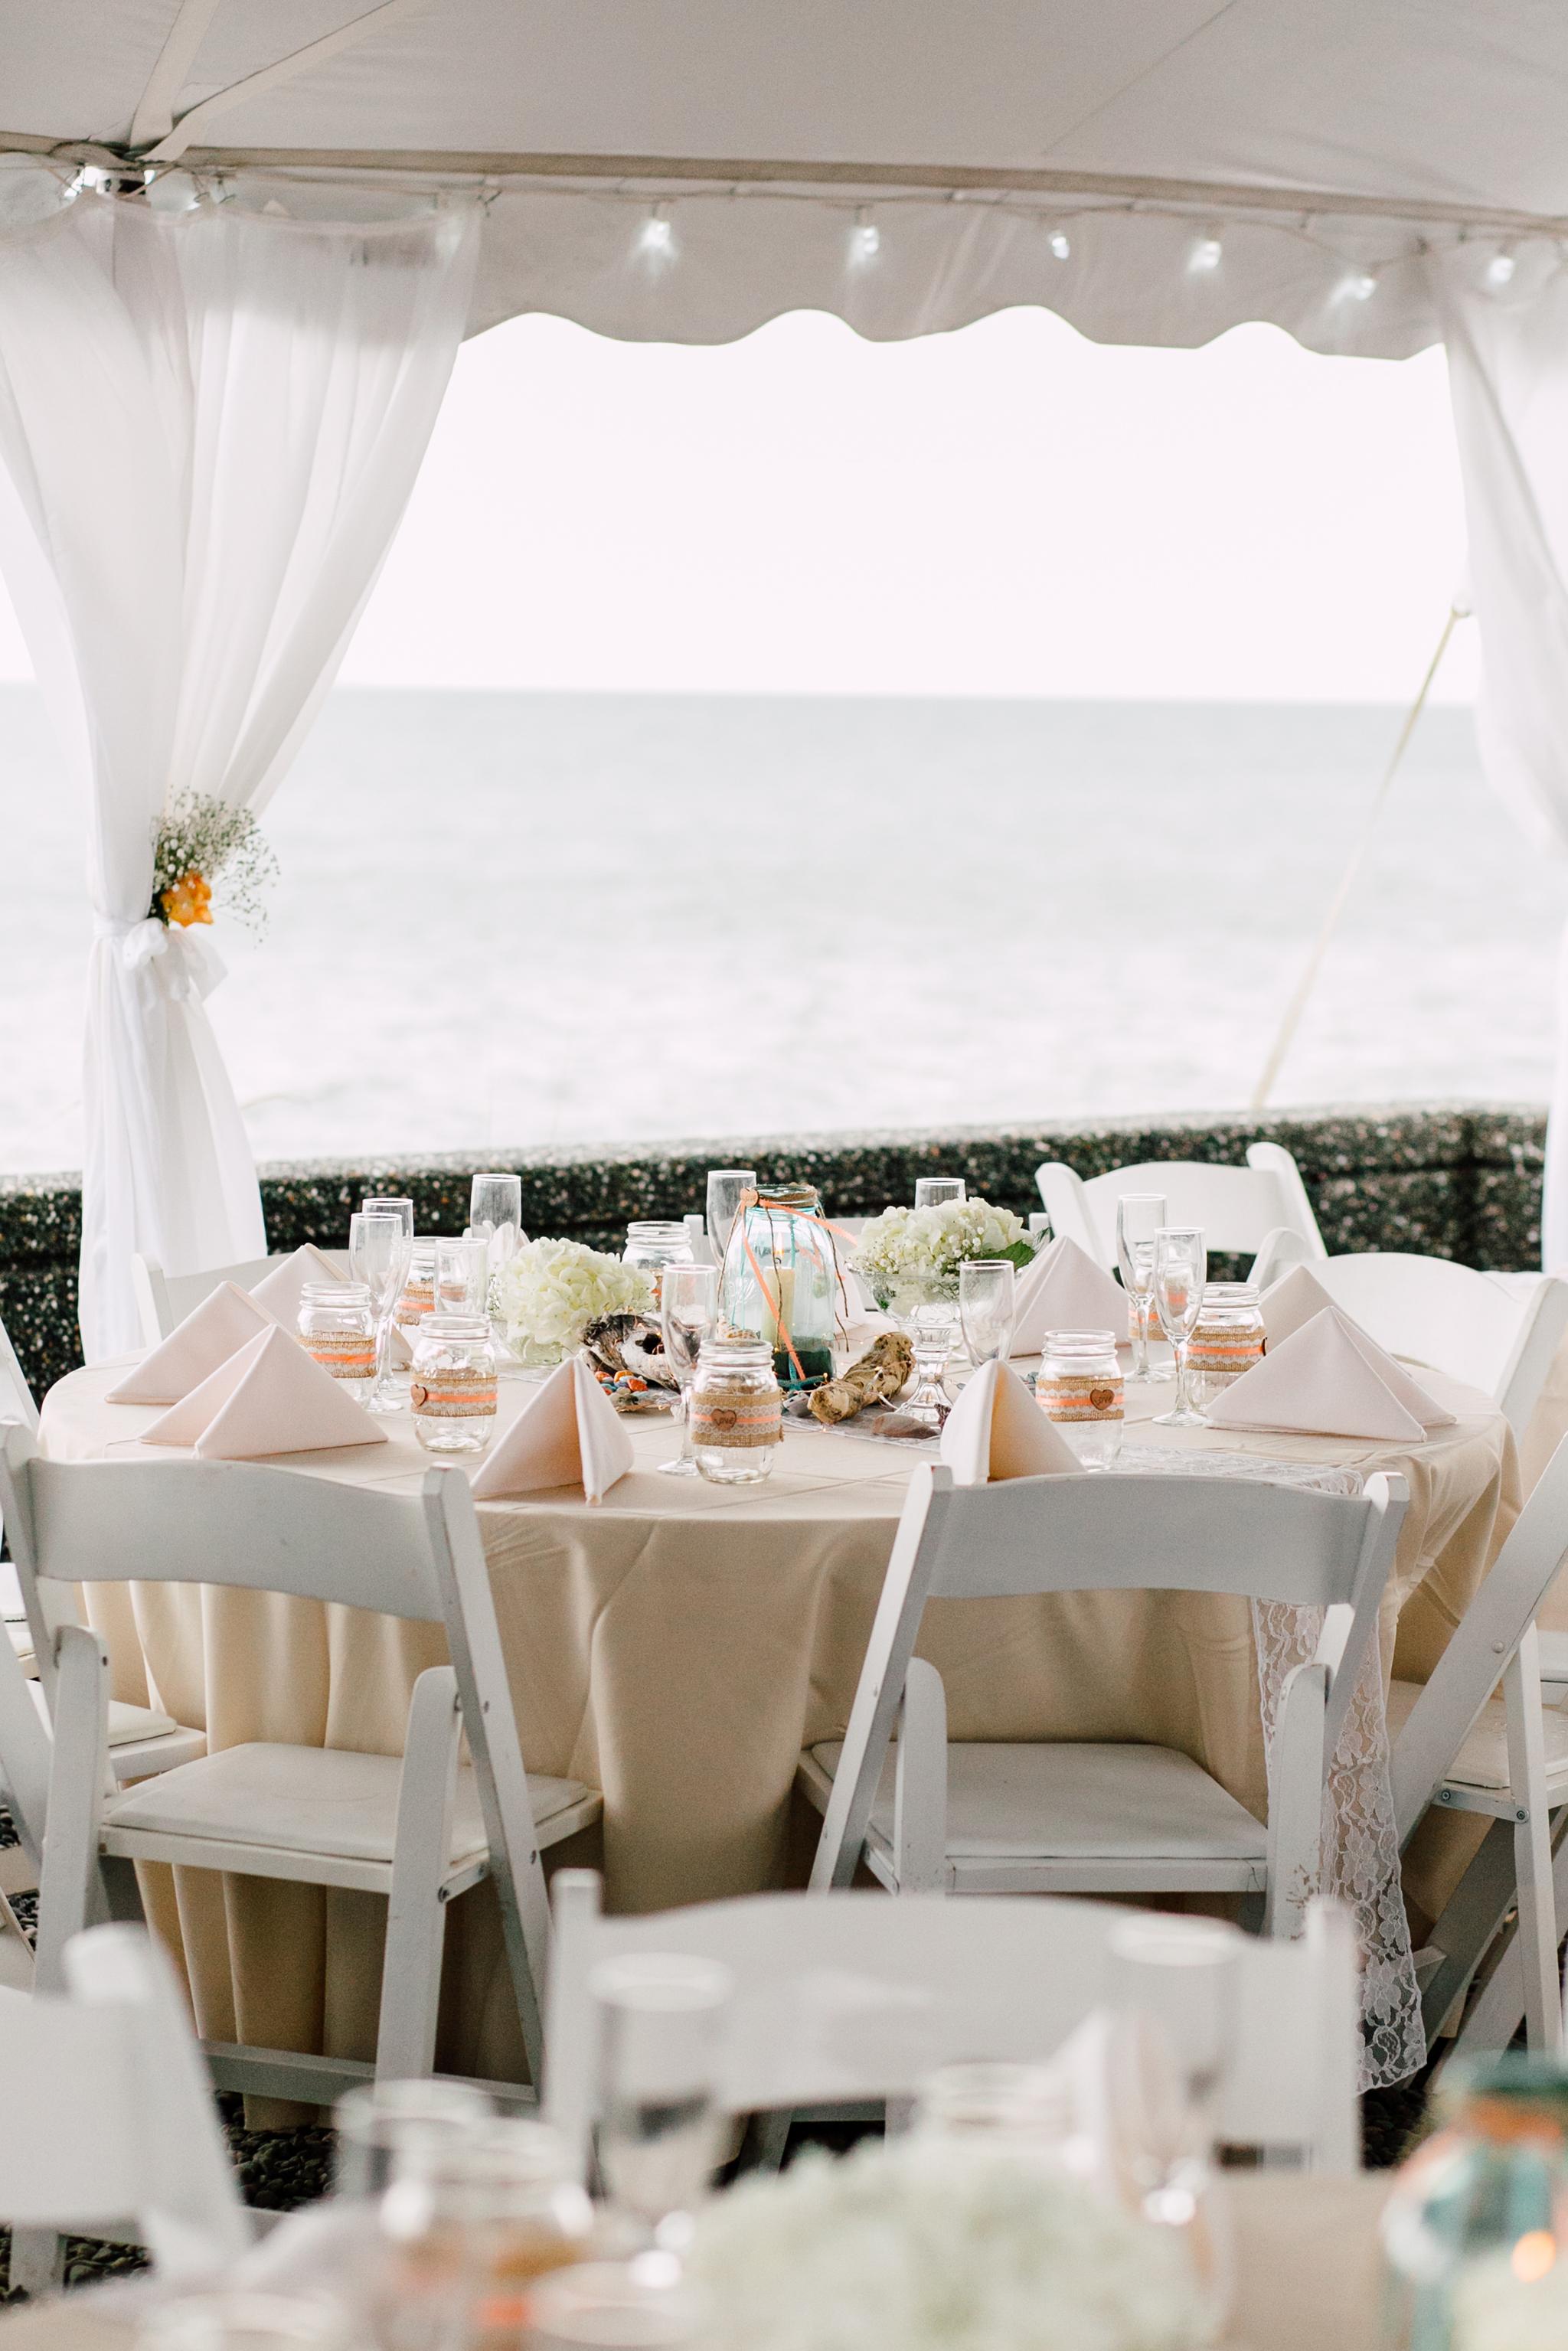 031-bellingham-wedding-photographer-beach-katheryn-moran-elisa-phillip.jpg